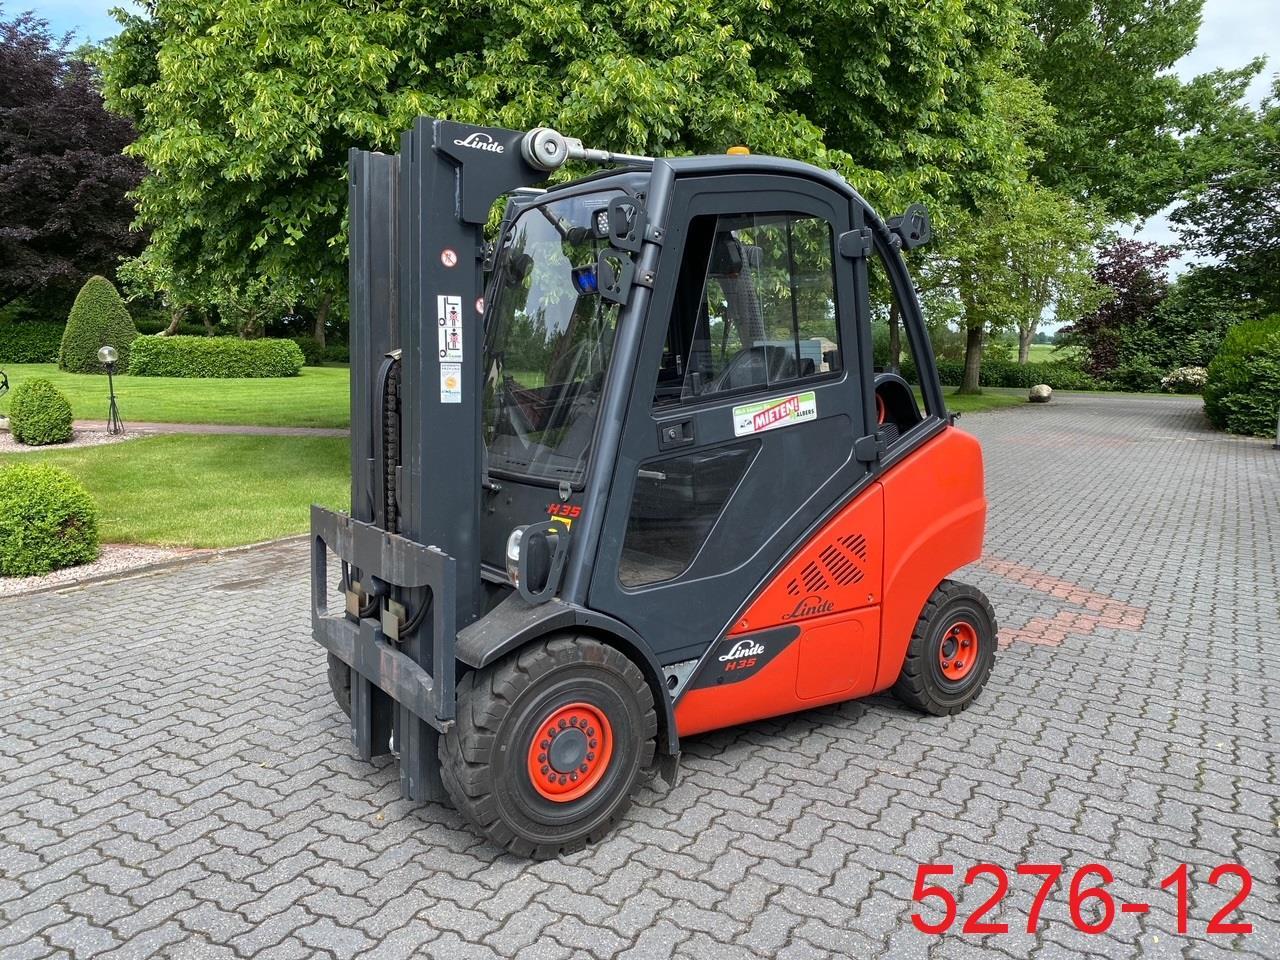 Linde-H 35 T 02-Treibgasstapler-http://www.heftruckcentrumemmen.nl